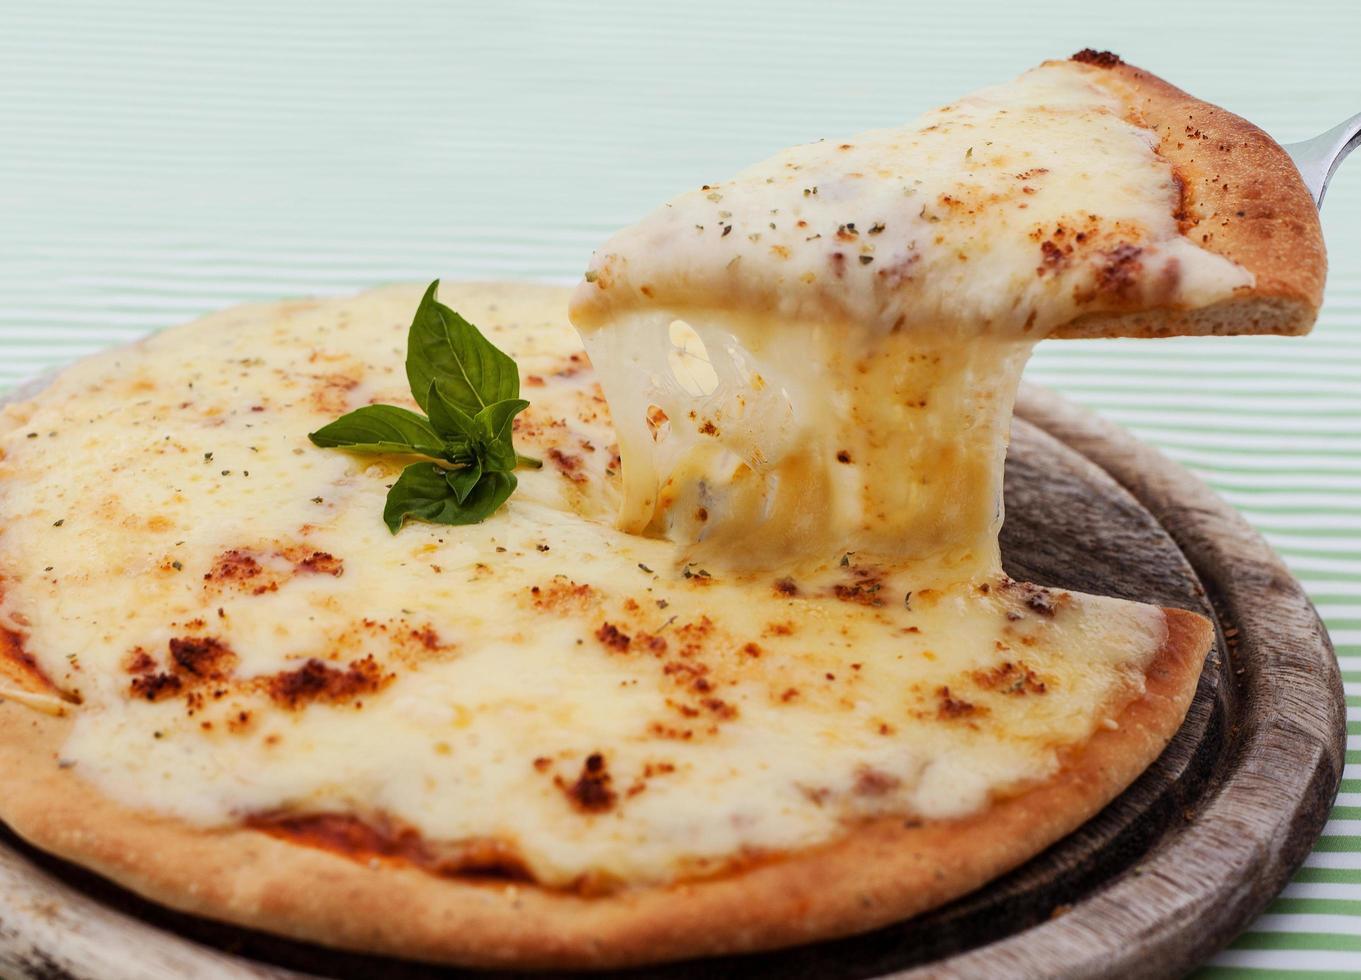 pizza au fromage sur une pierre à pizza photo